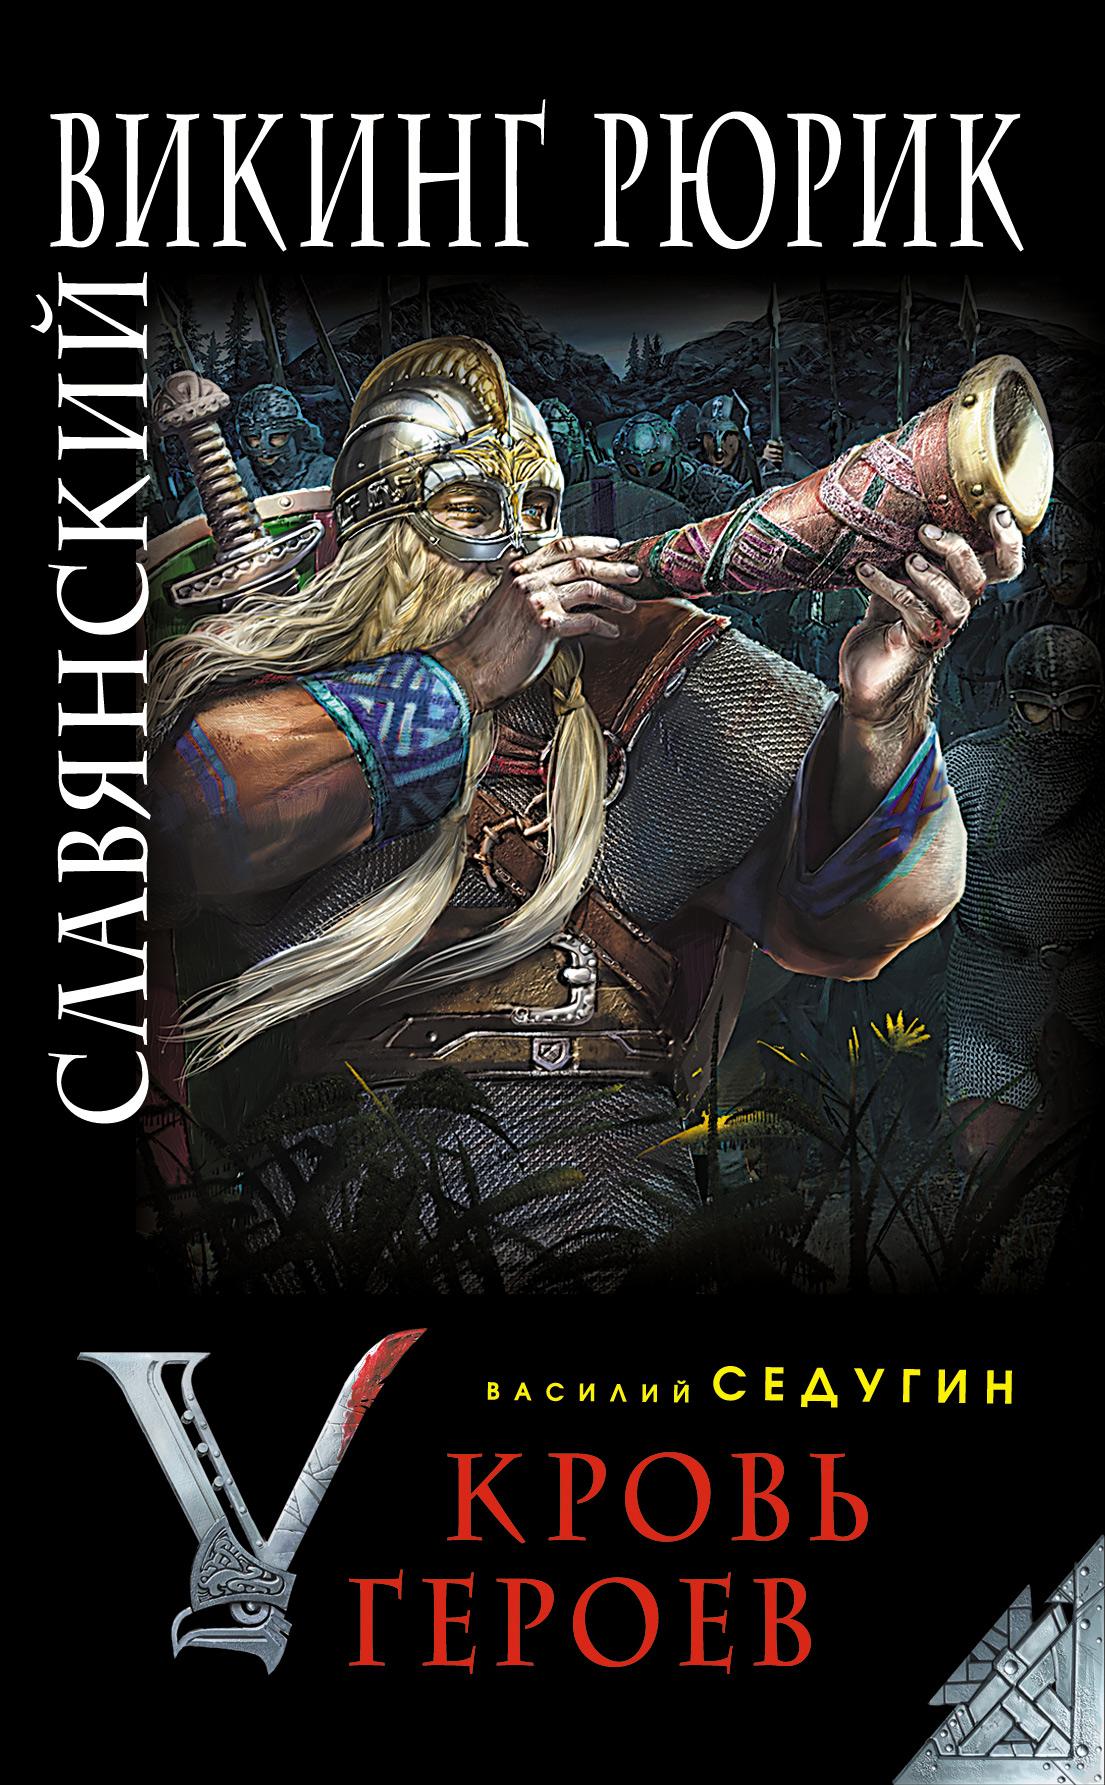 Славянский викинг Рюрик. Кровь героев ( Василий Седугин  )